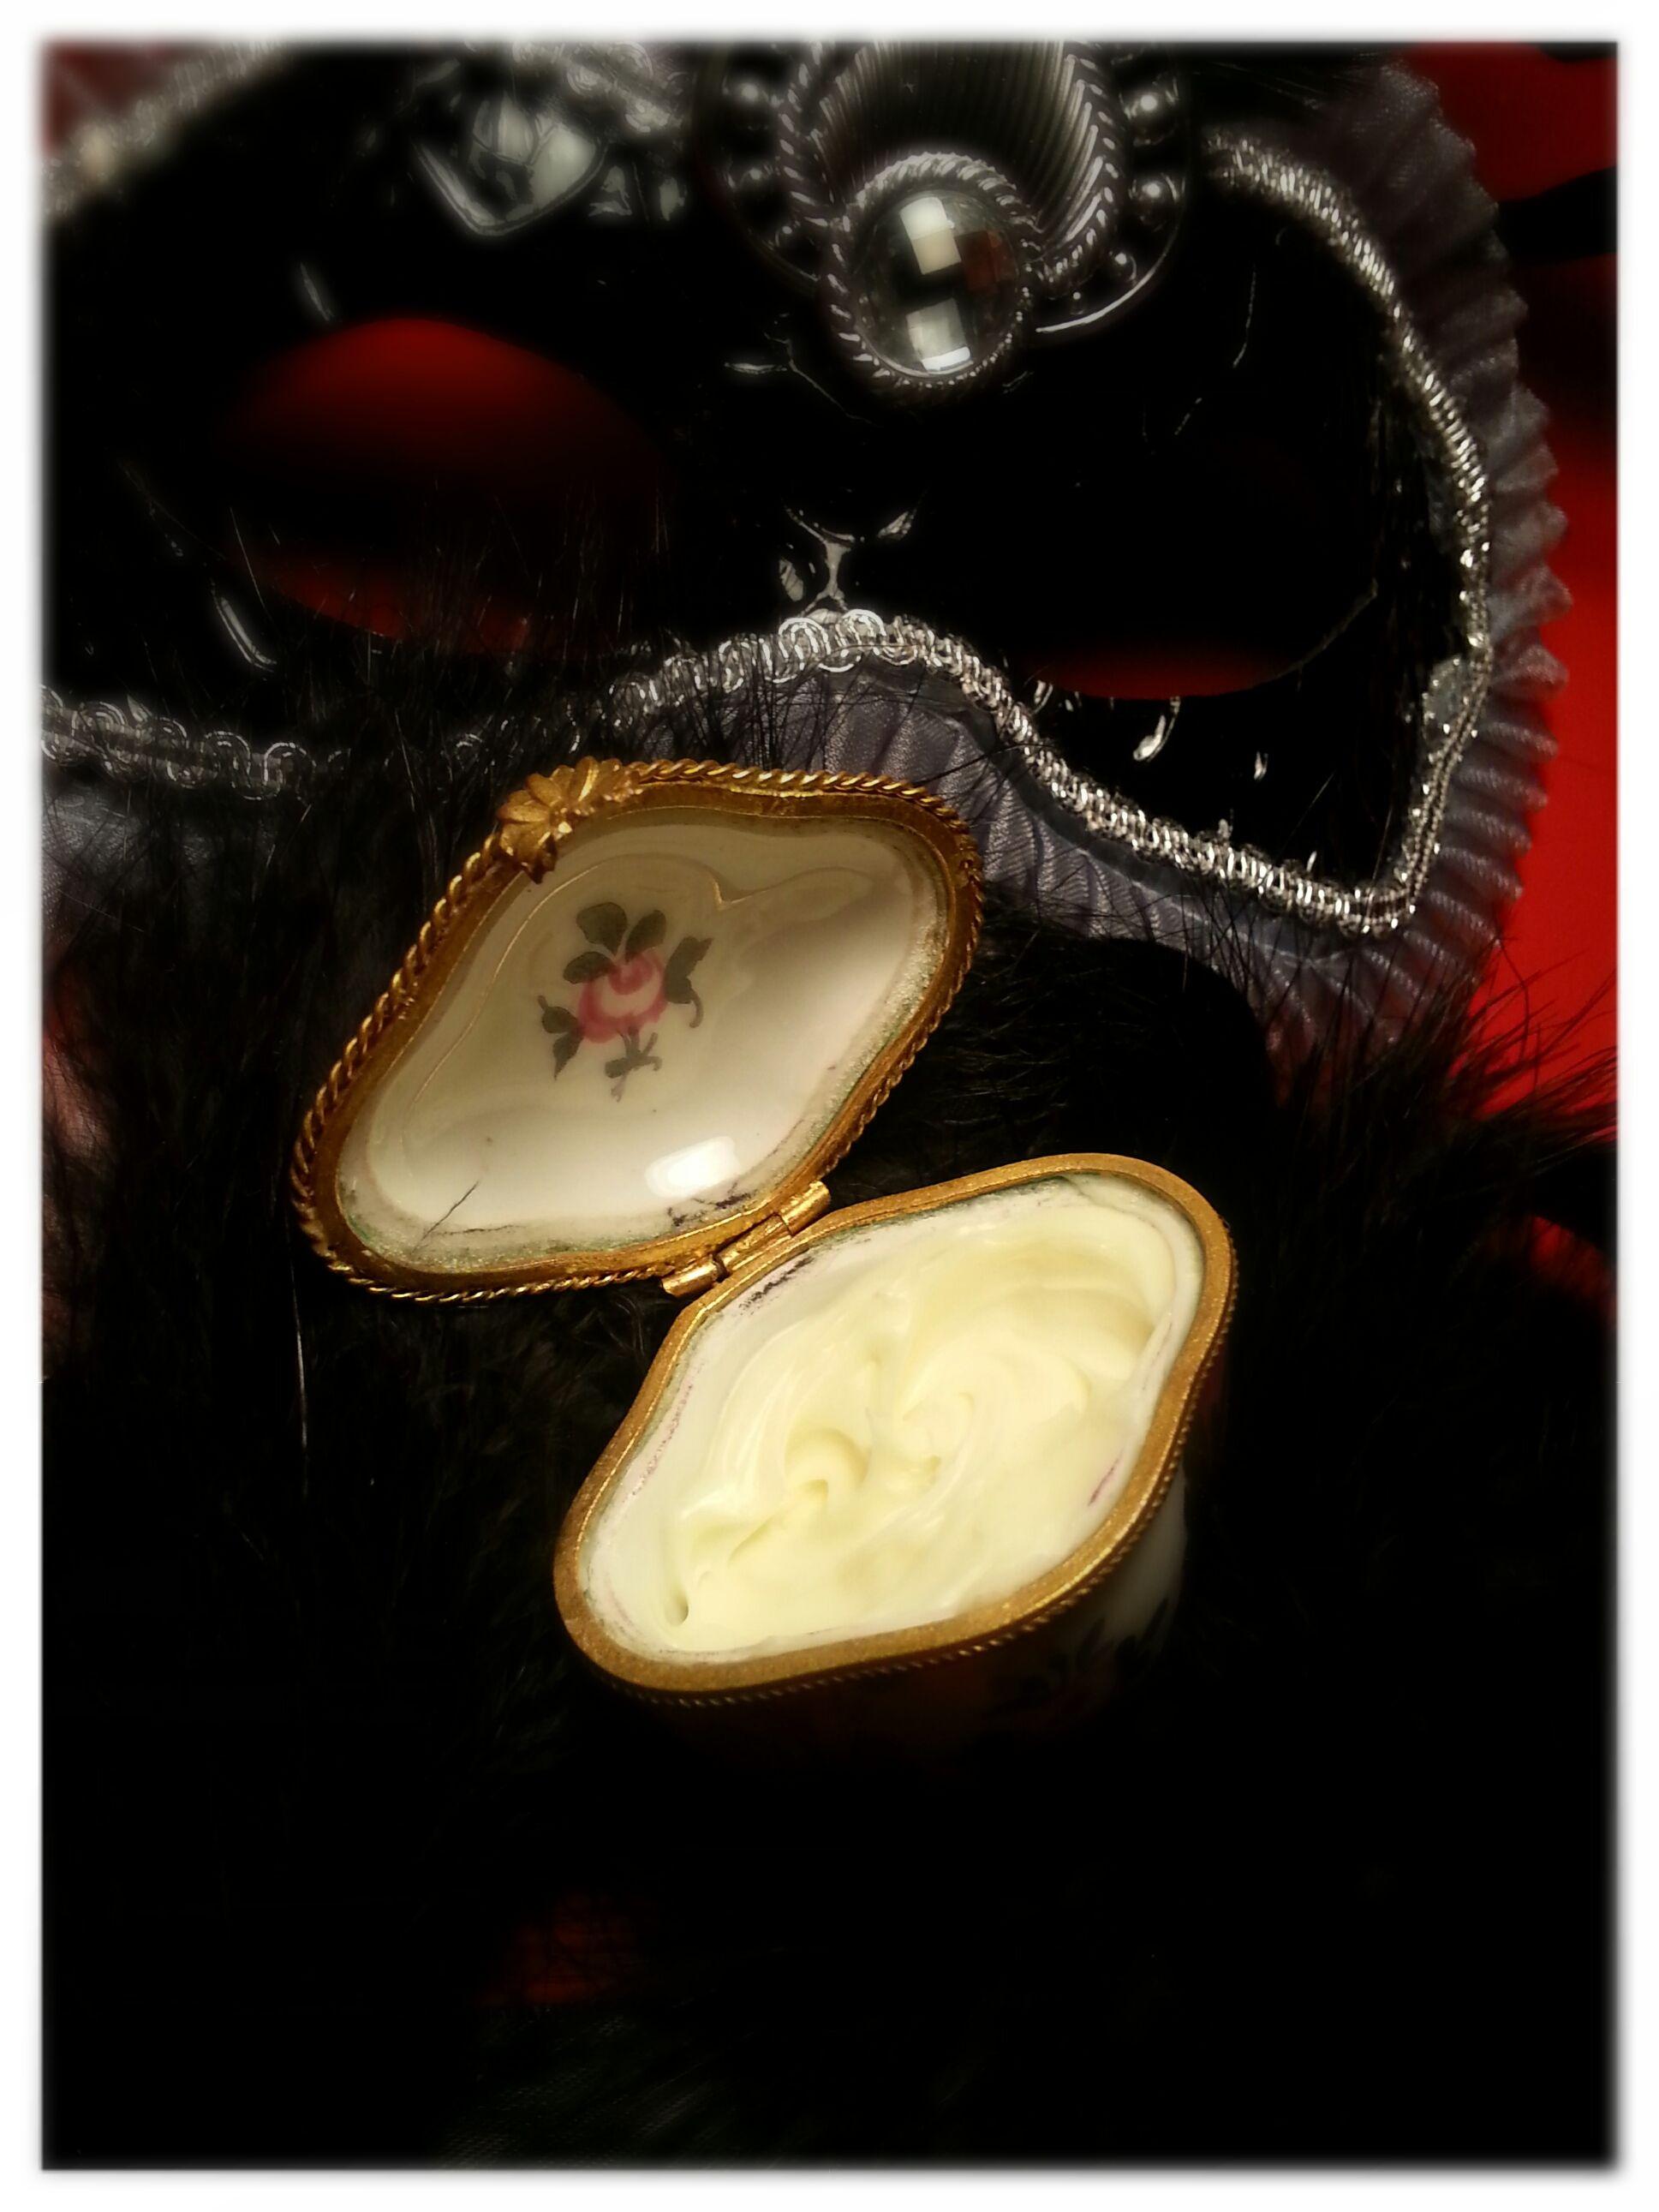 Beurre corporel comestible Oh Oui! | Beurre corporel, Cosmetiques maison et Beurre